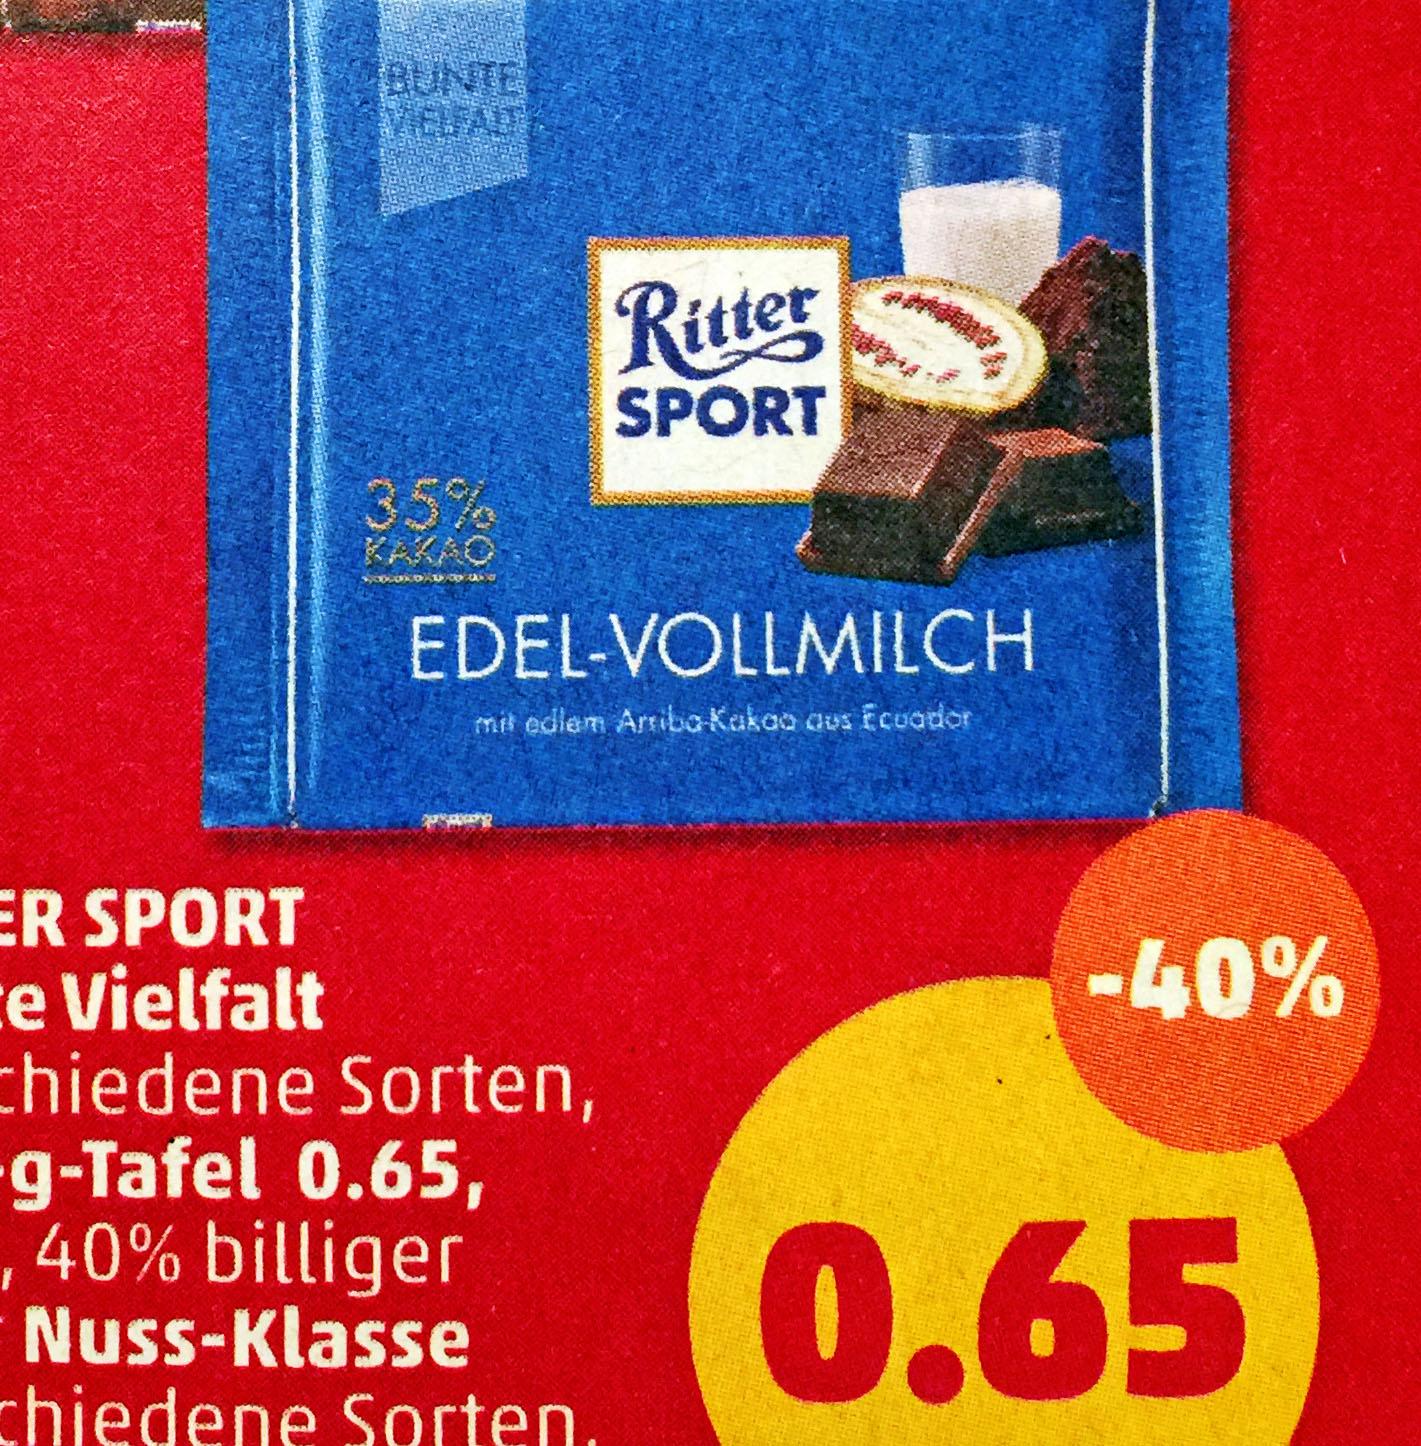 Ritter Sport Bunte Vielfalt für nur nur 65 Cent bei (Penny) ab 22.1.